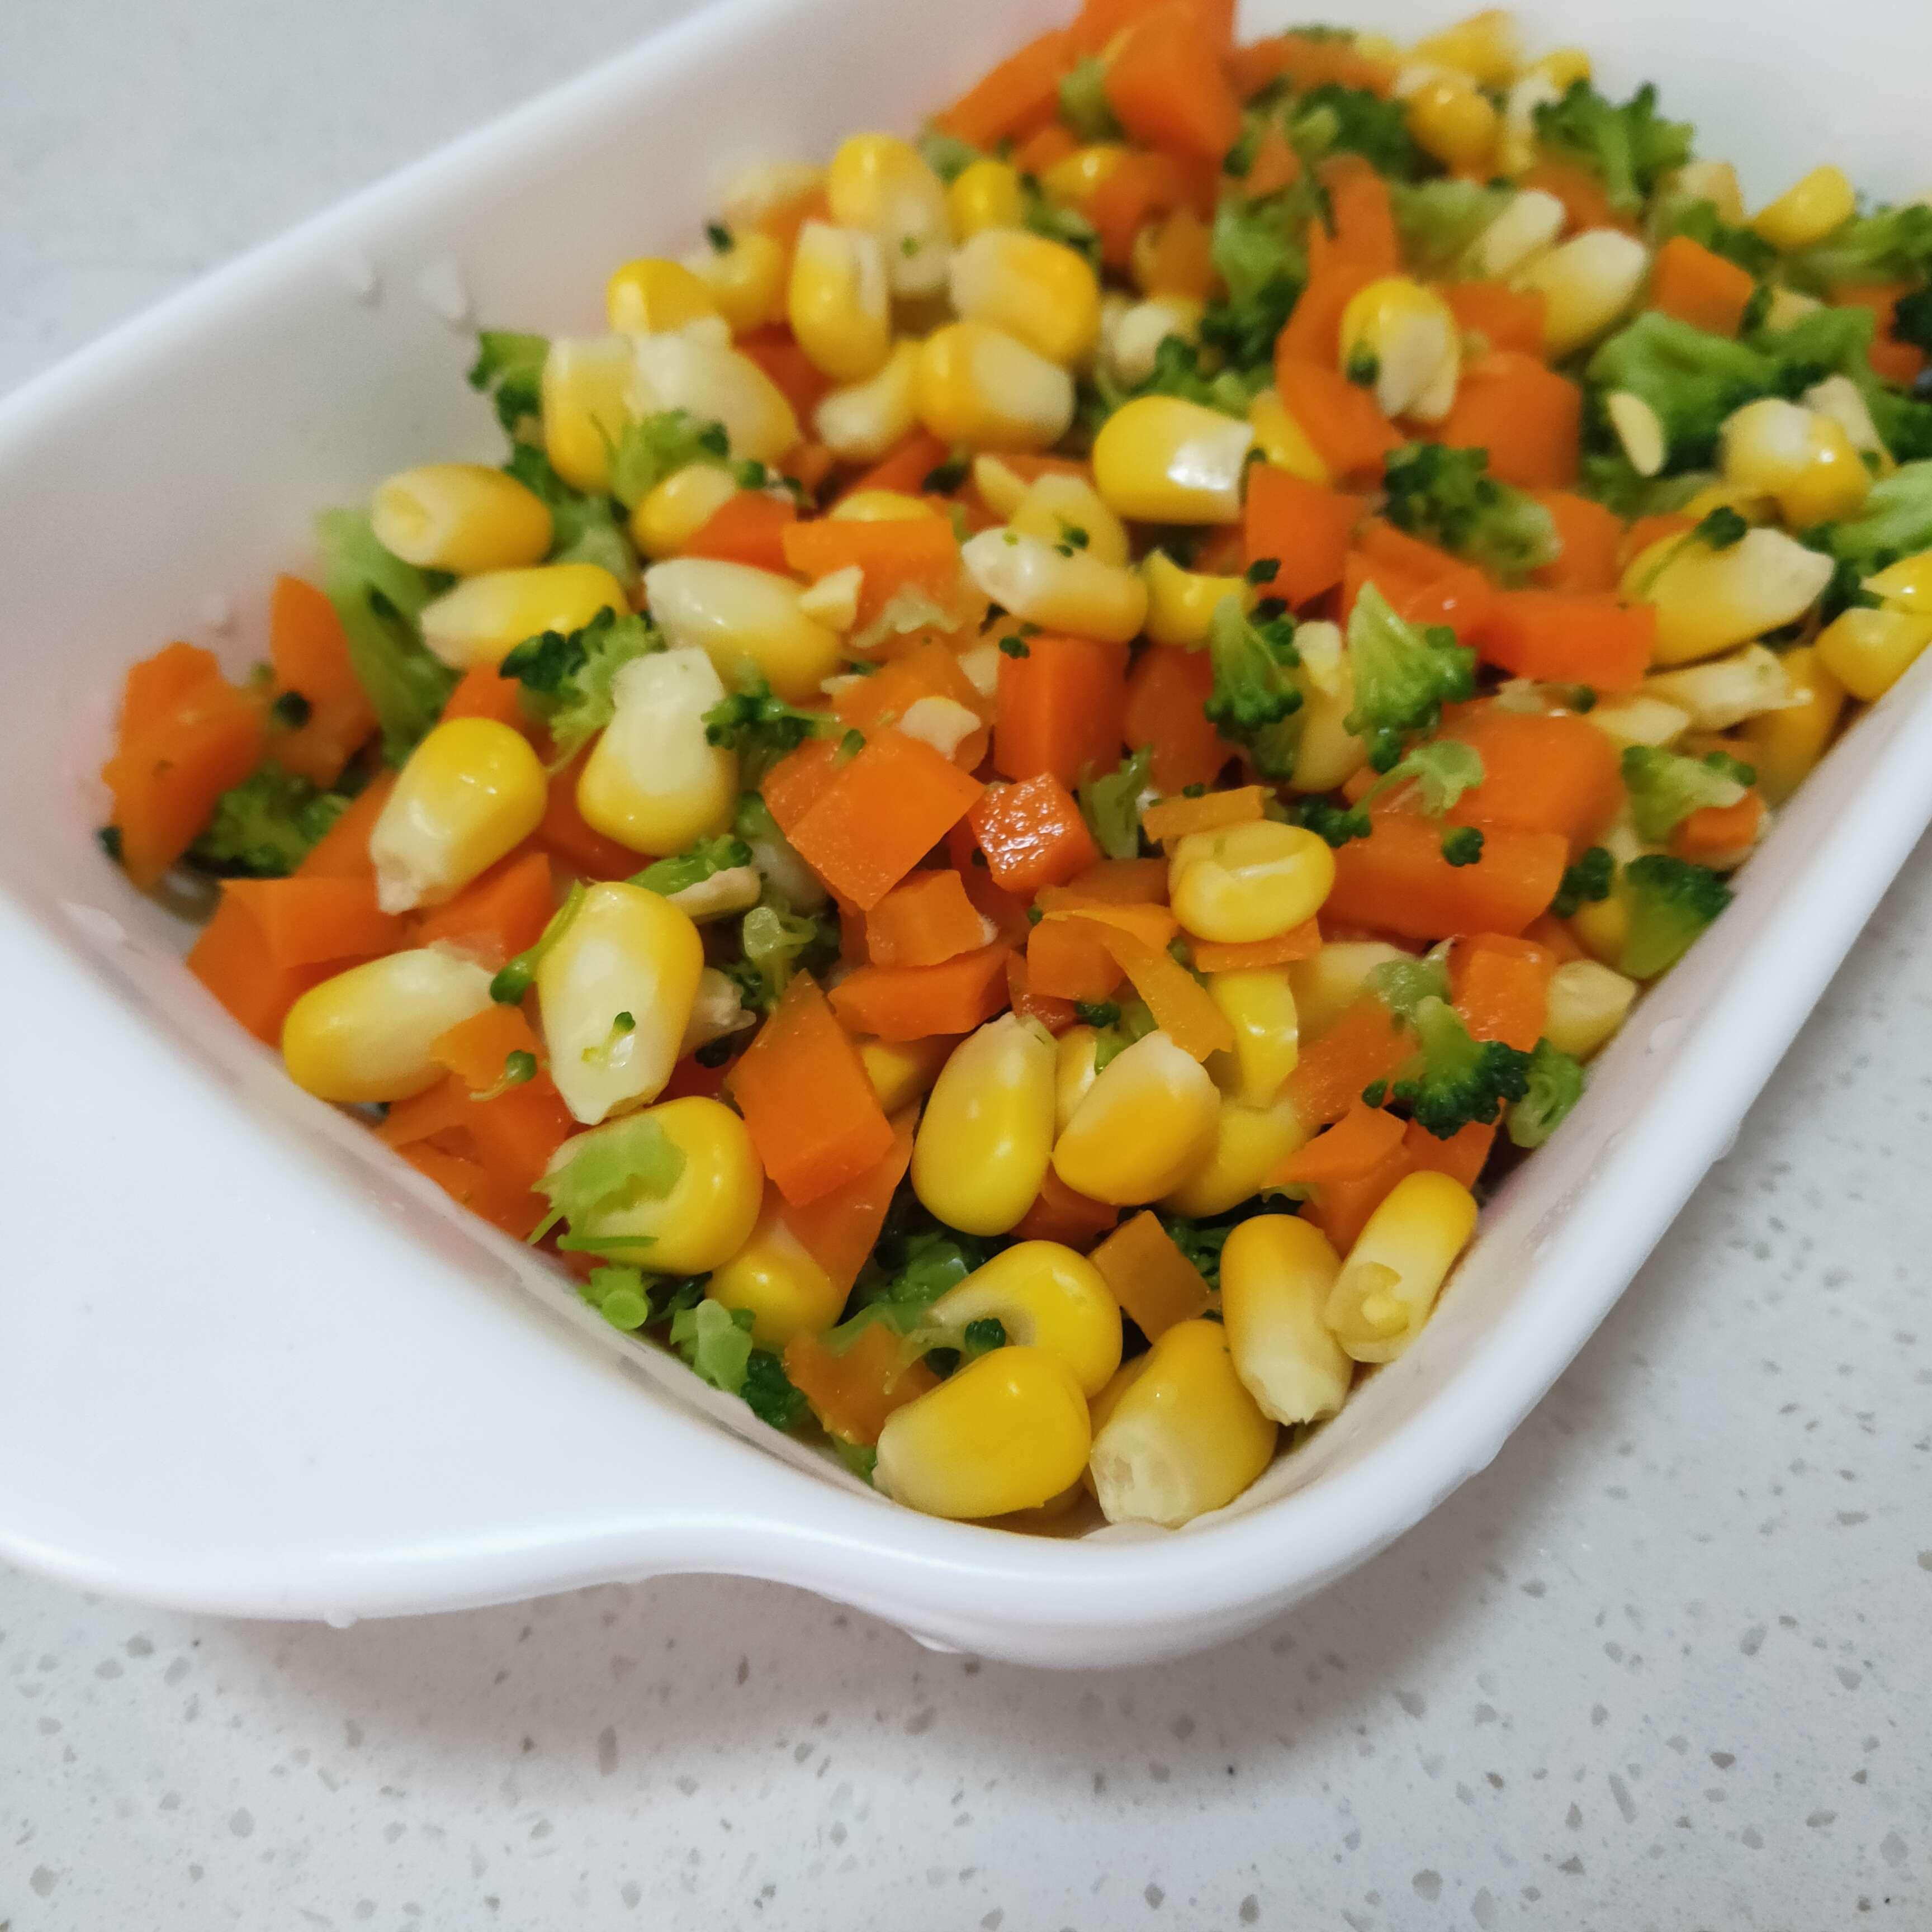 轻食沙拉怎么吃